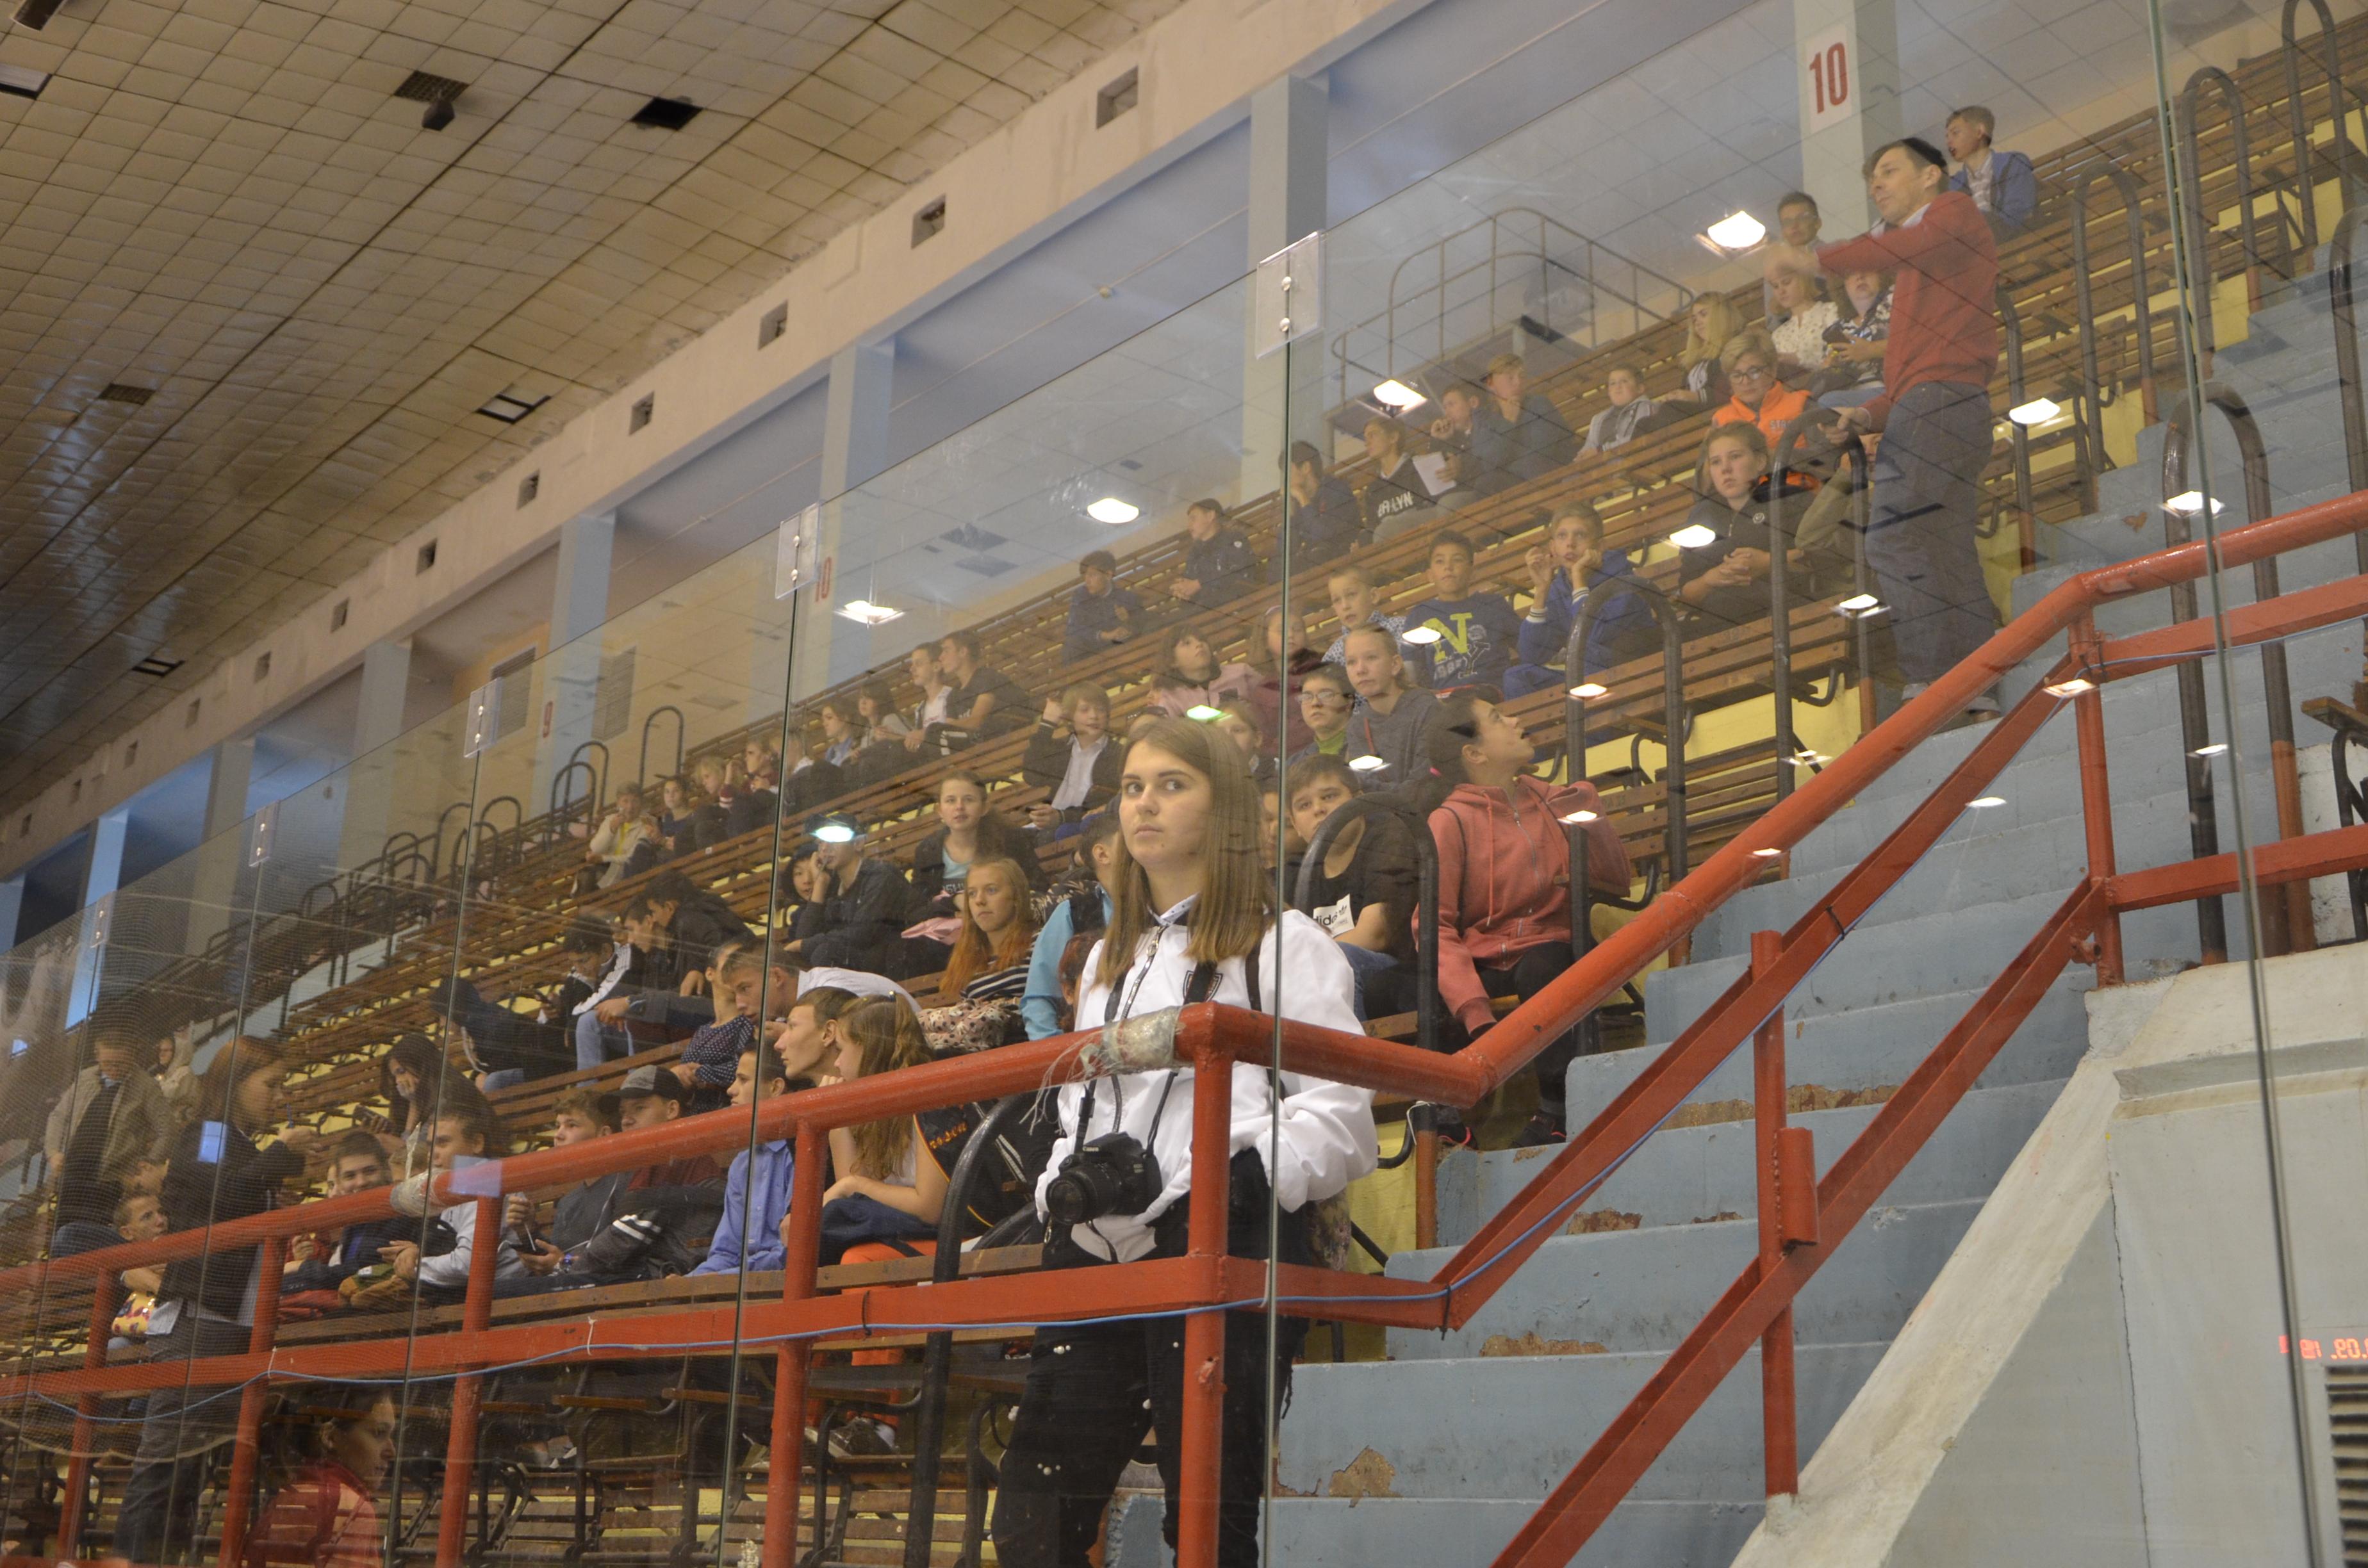 В Саратове состоялся мастер-класс по следж-хоккею